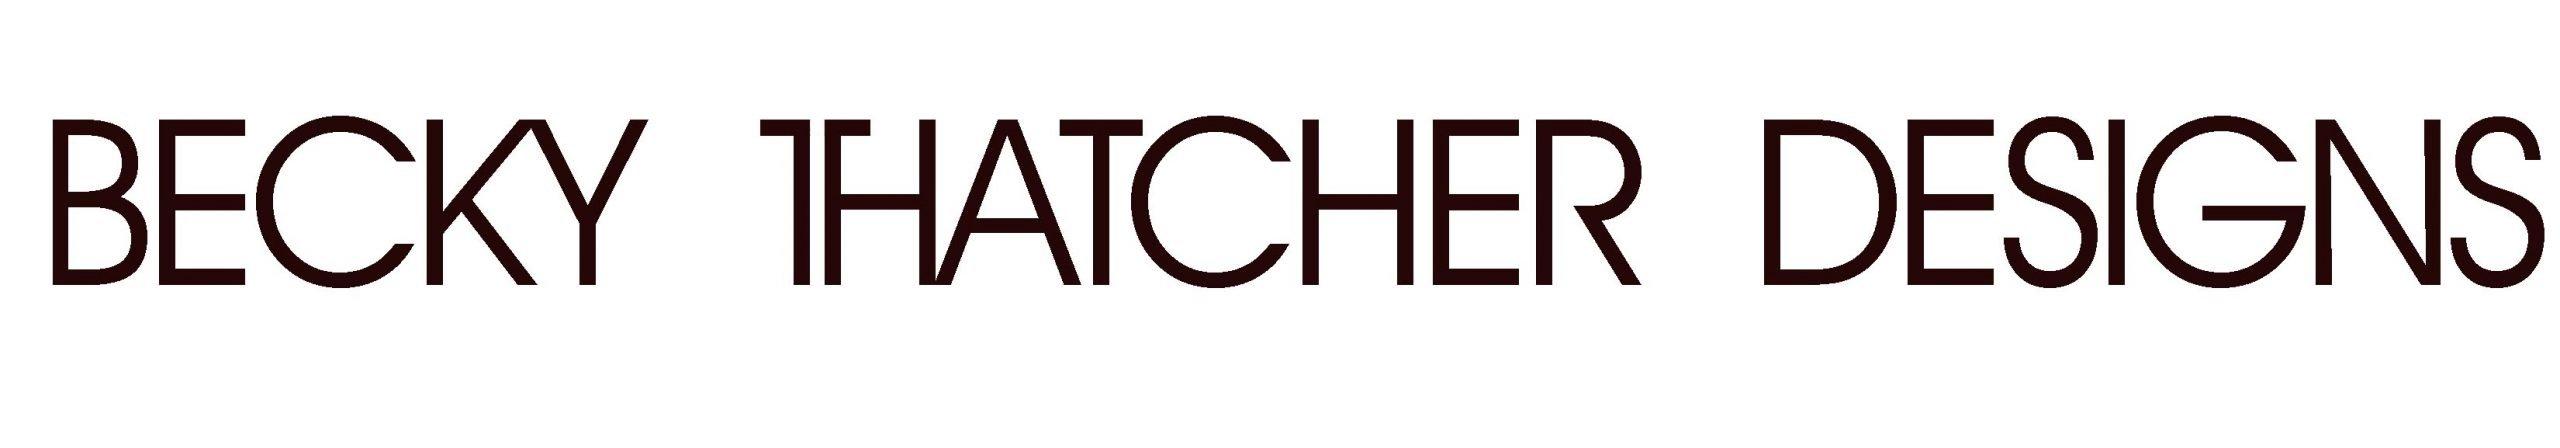 Becky Thatcher Designs